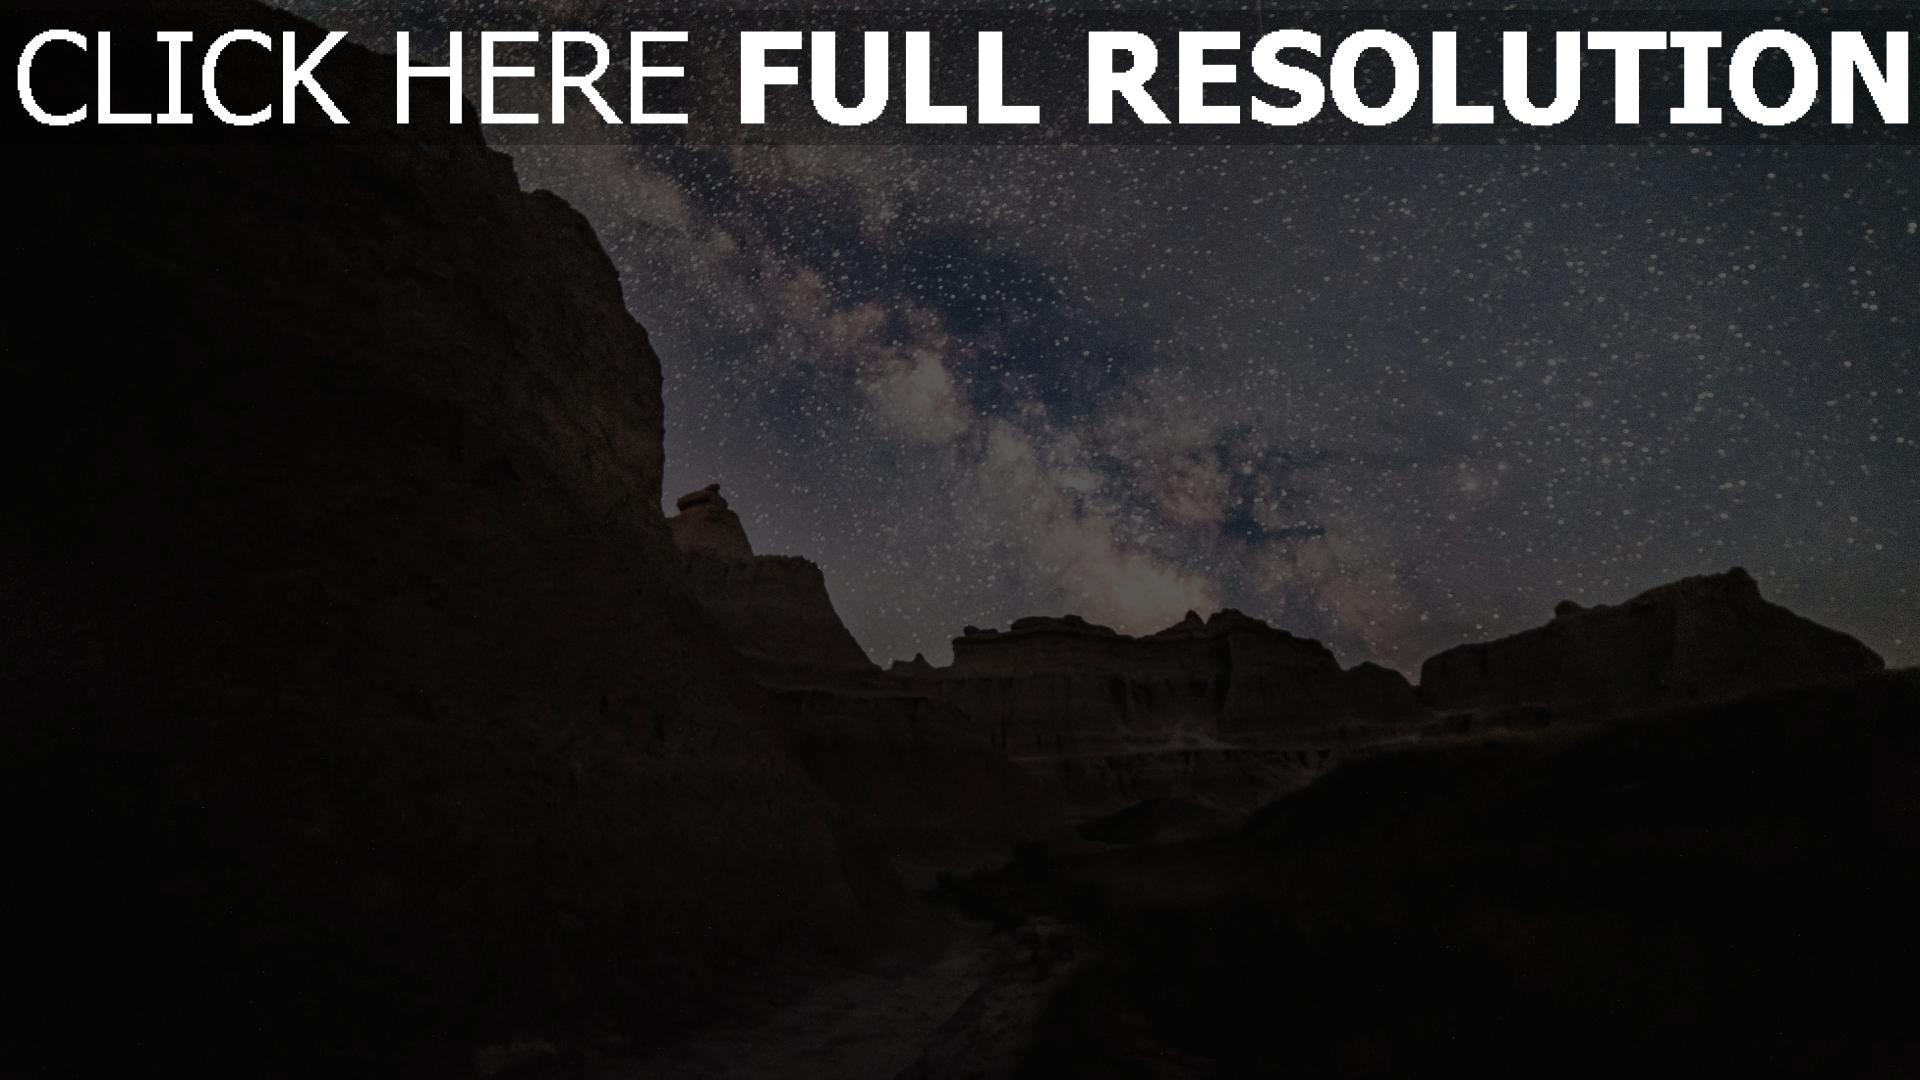 hd hintergrundbilder berge sterne sternenhimmel  desktop hintergrund